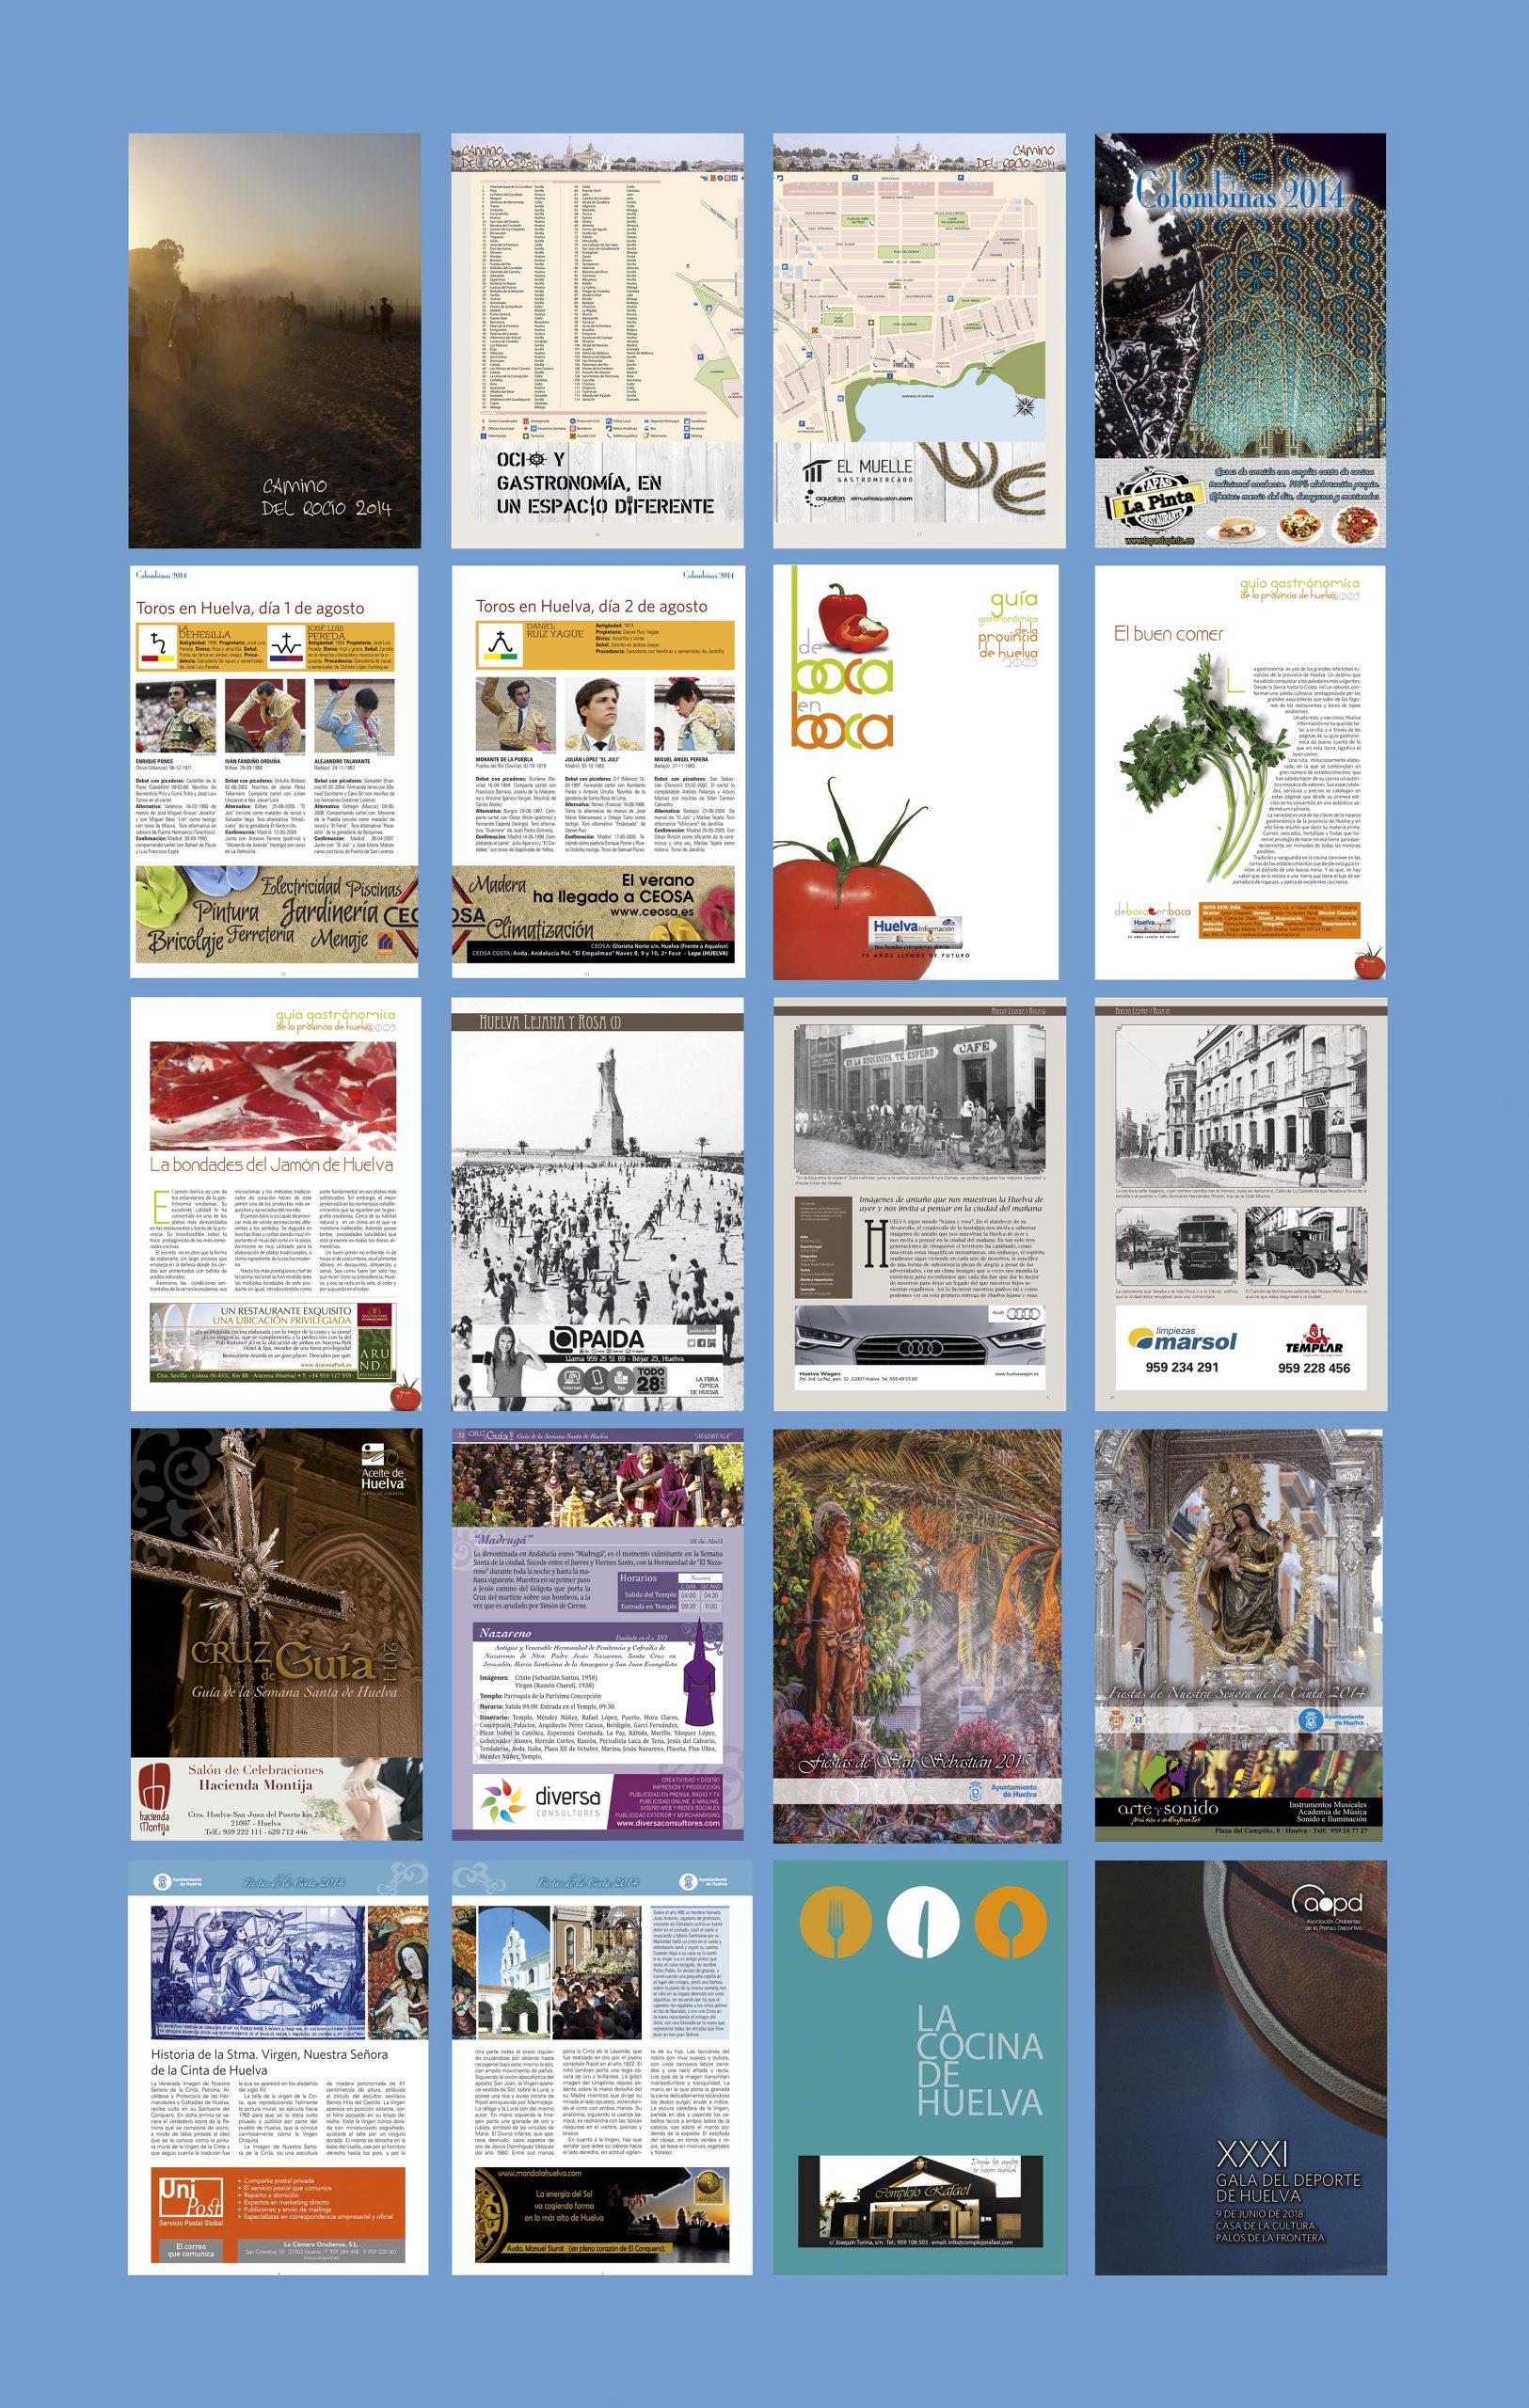 Proyecto de diseño editorial de otras revistas editadas en Huelva